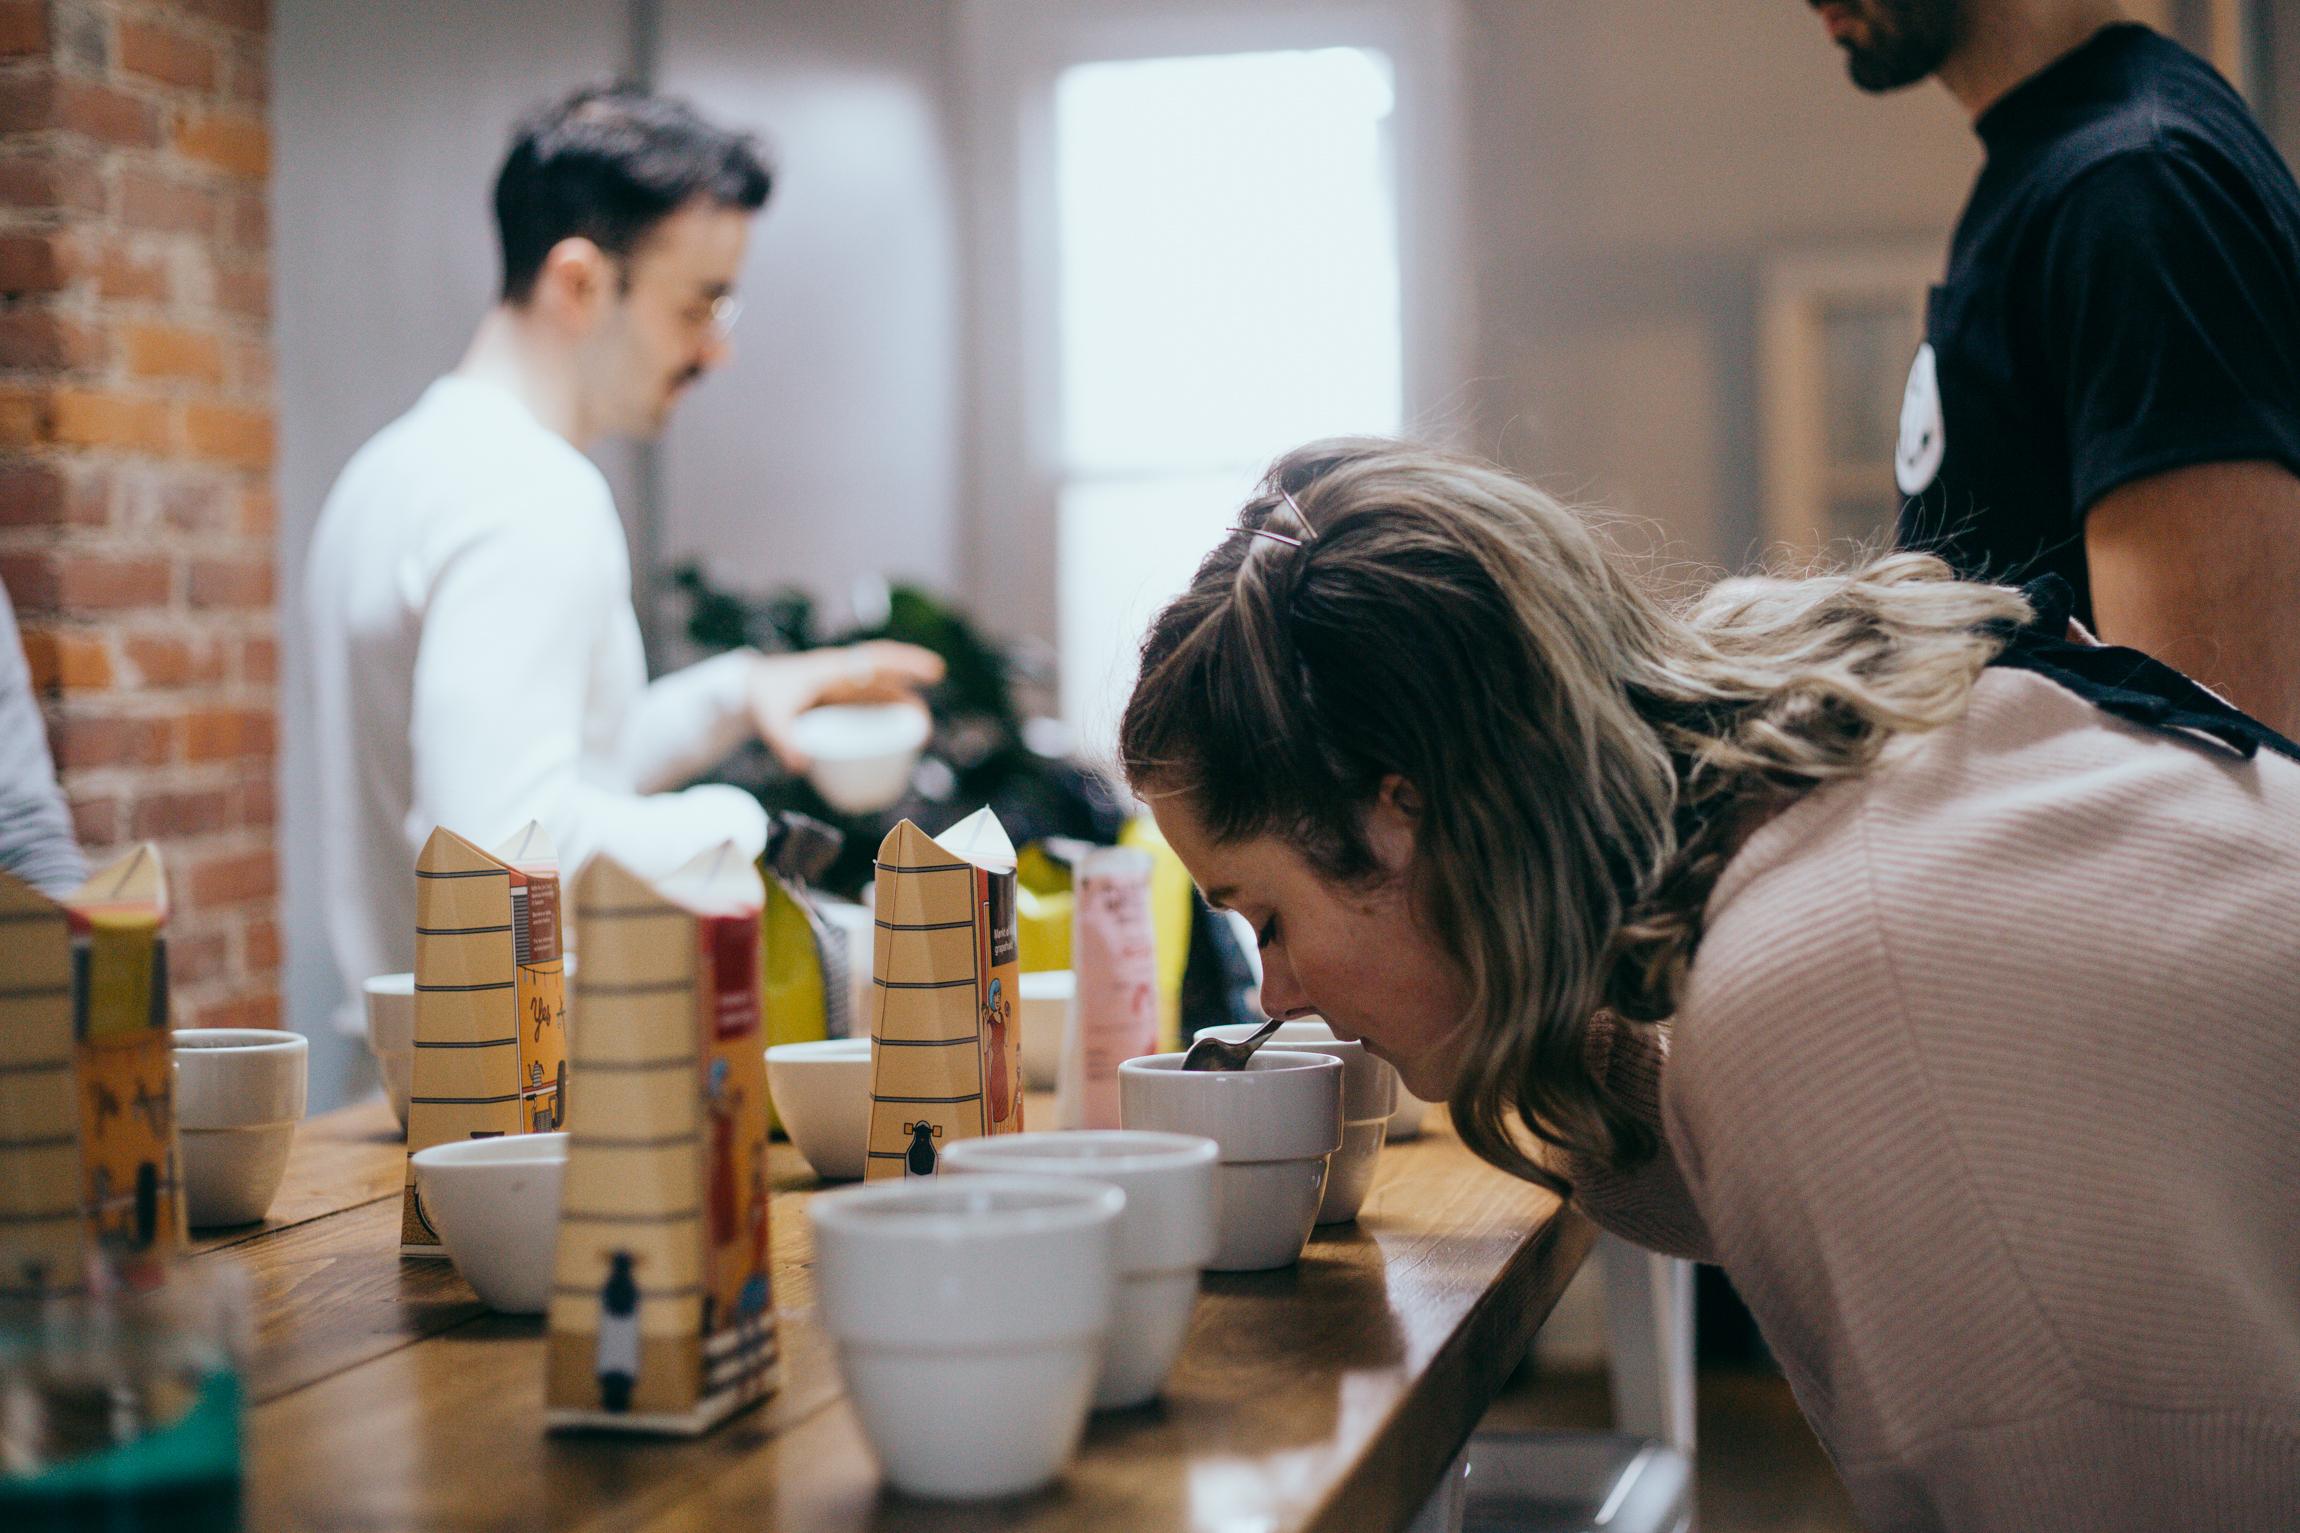 Boxcar Social - Coffee Cupping (Feb 17 2018) - Photo by Alexa Fernando @ajfernando - 48.jpg